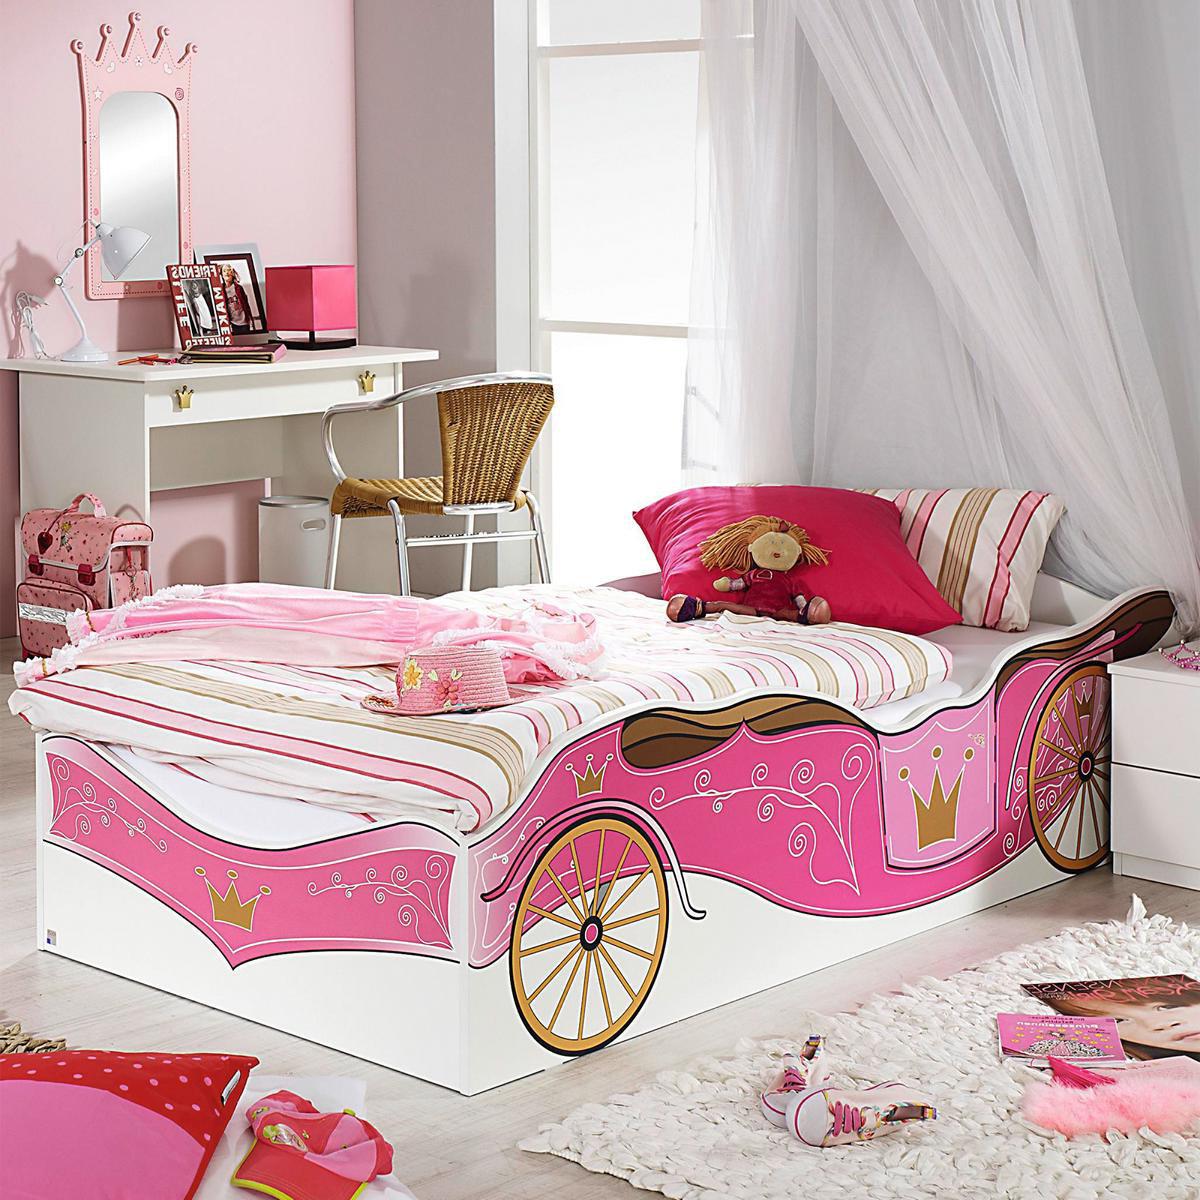 wunderbar prinzessin bettrahmen zeitgen ssisch bilderrahmen ideen. Black Bedroom Furniture Sets. Home Design Ideas